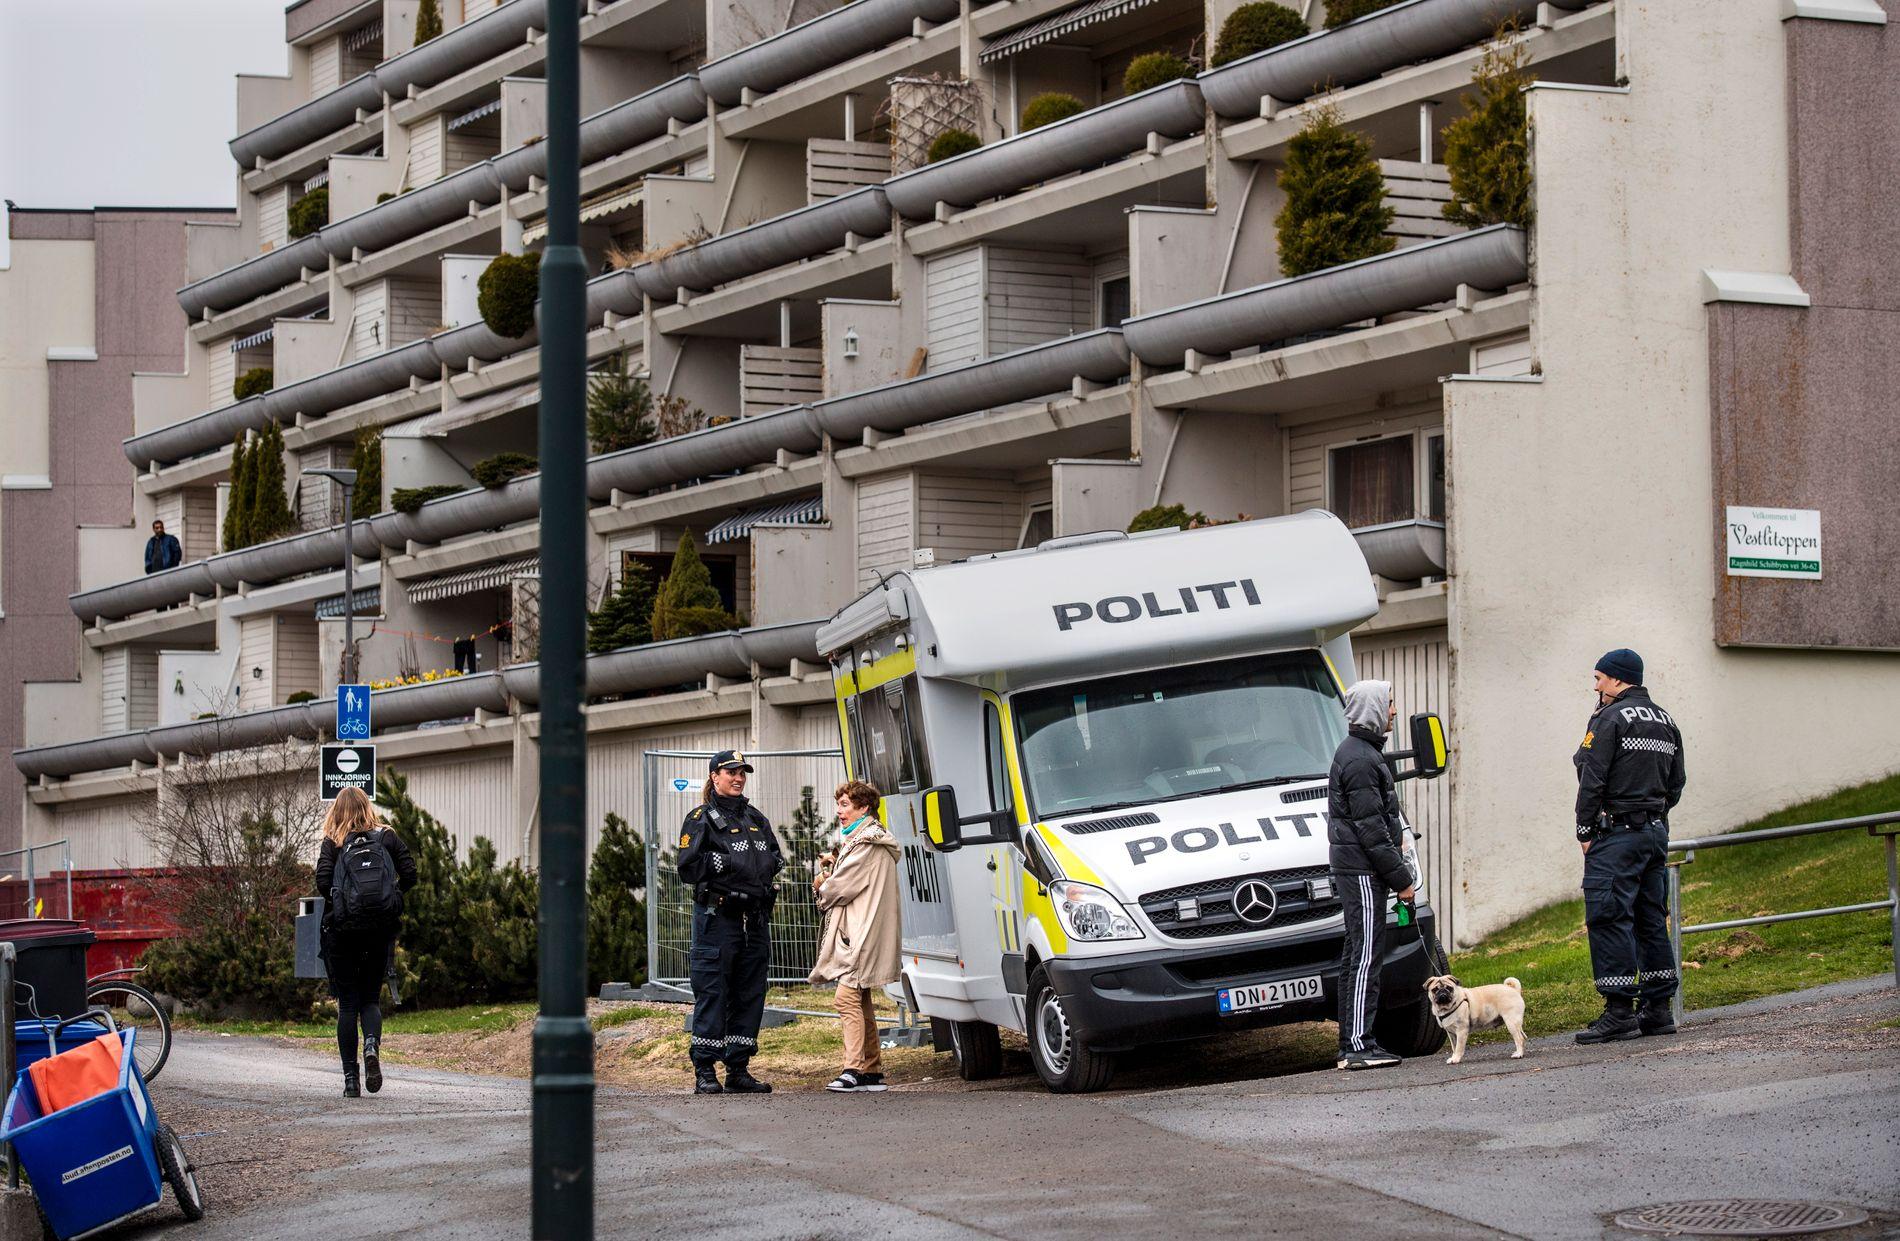 PÅ PLASS: Politiet i Oslo var mandag på plass på Vestli i Oslo etter flere voldsepisoder i bydelen Stovner den siste tiden, deriblant en episode hvor natteravner ble angrepet. Mandag ble det kjent at politiet hasteansetter 30 årsverk.